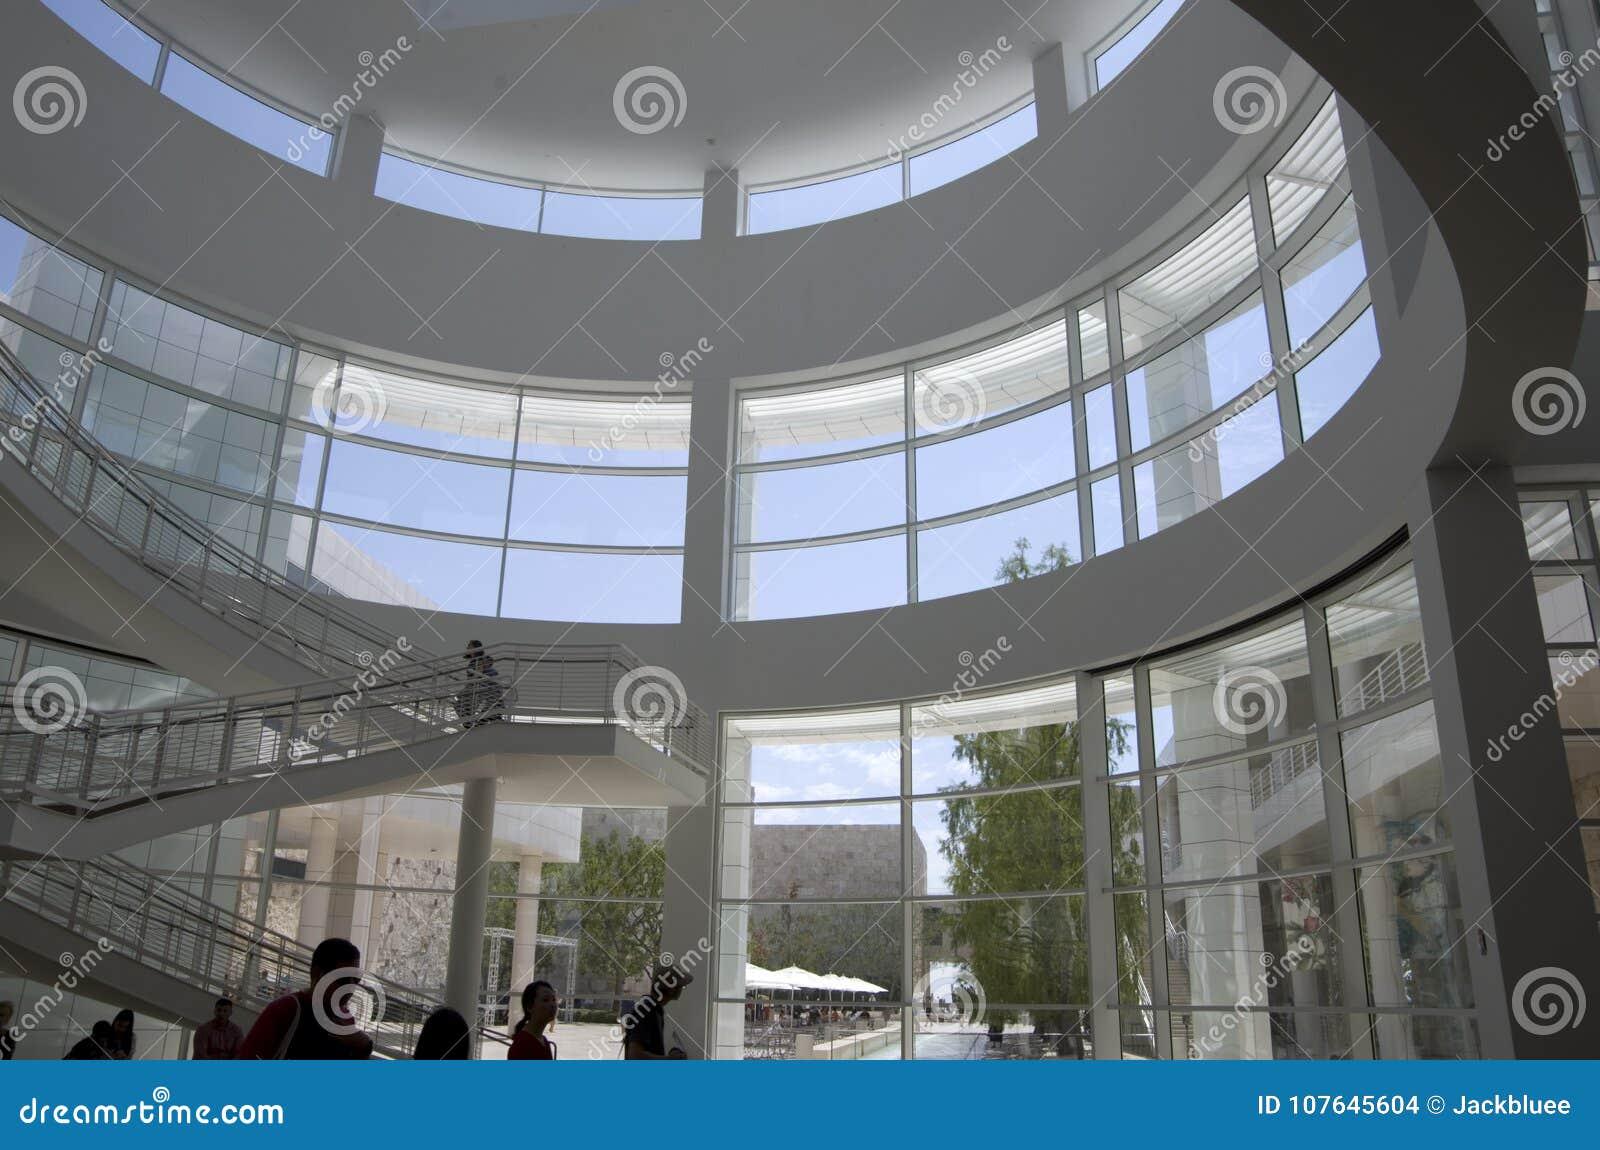 Getty Muzeum Lobby Wnętrza Stropuje Naturalnego Oświetlenie